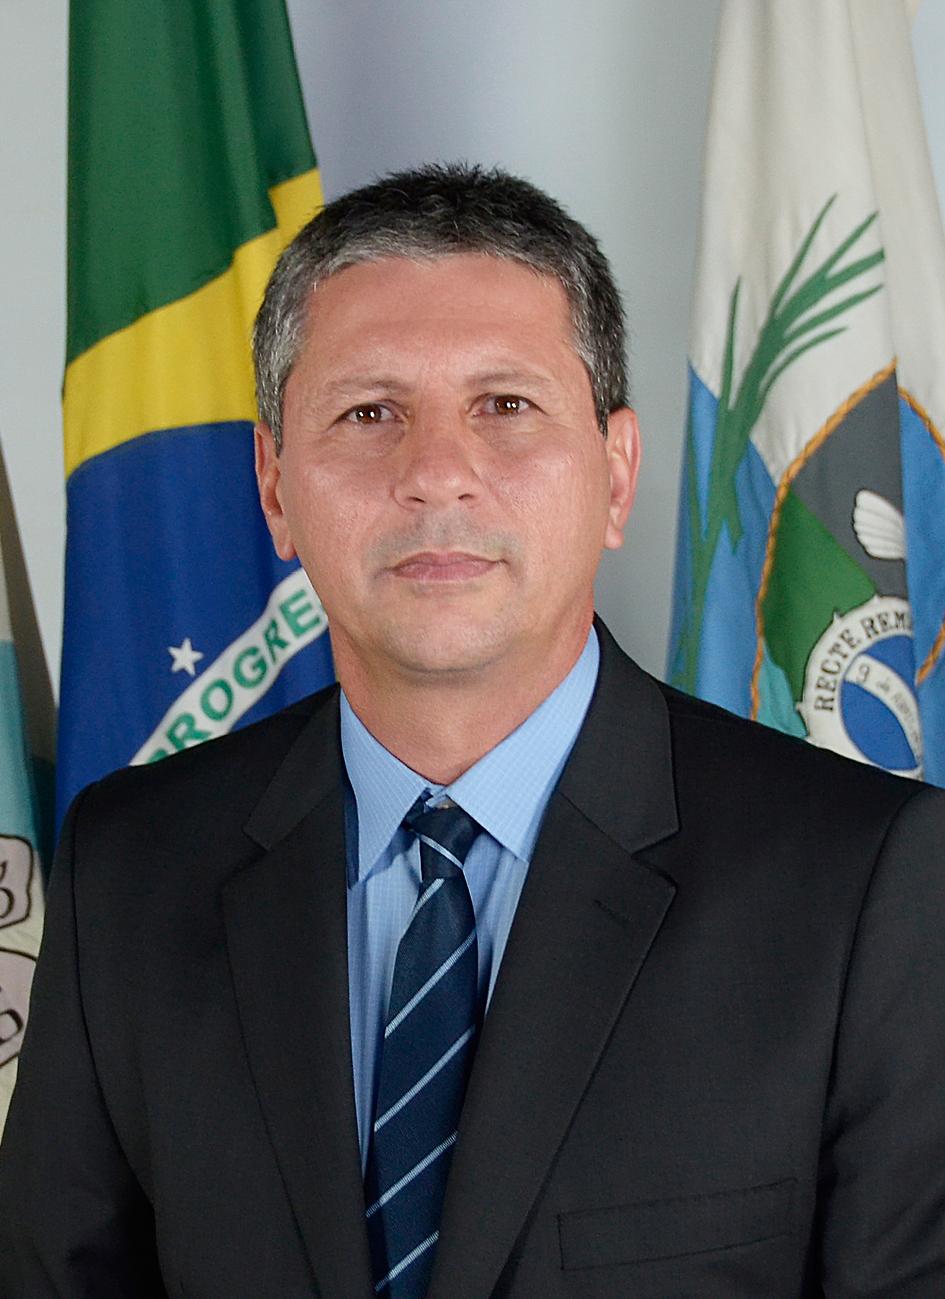 Sandro Lelis